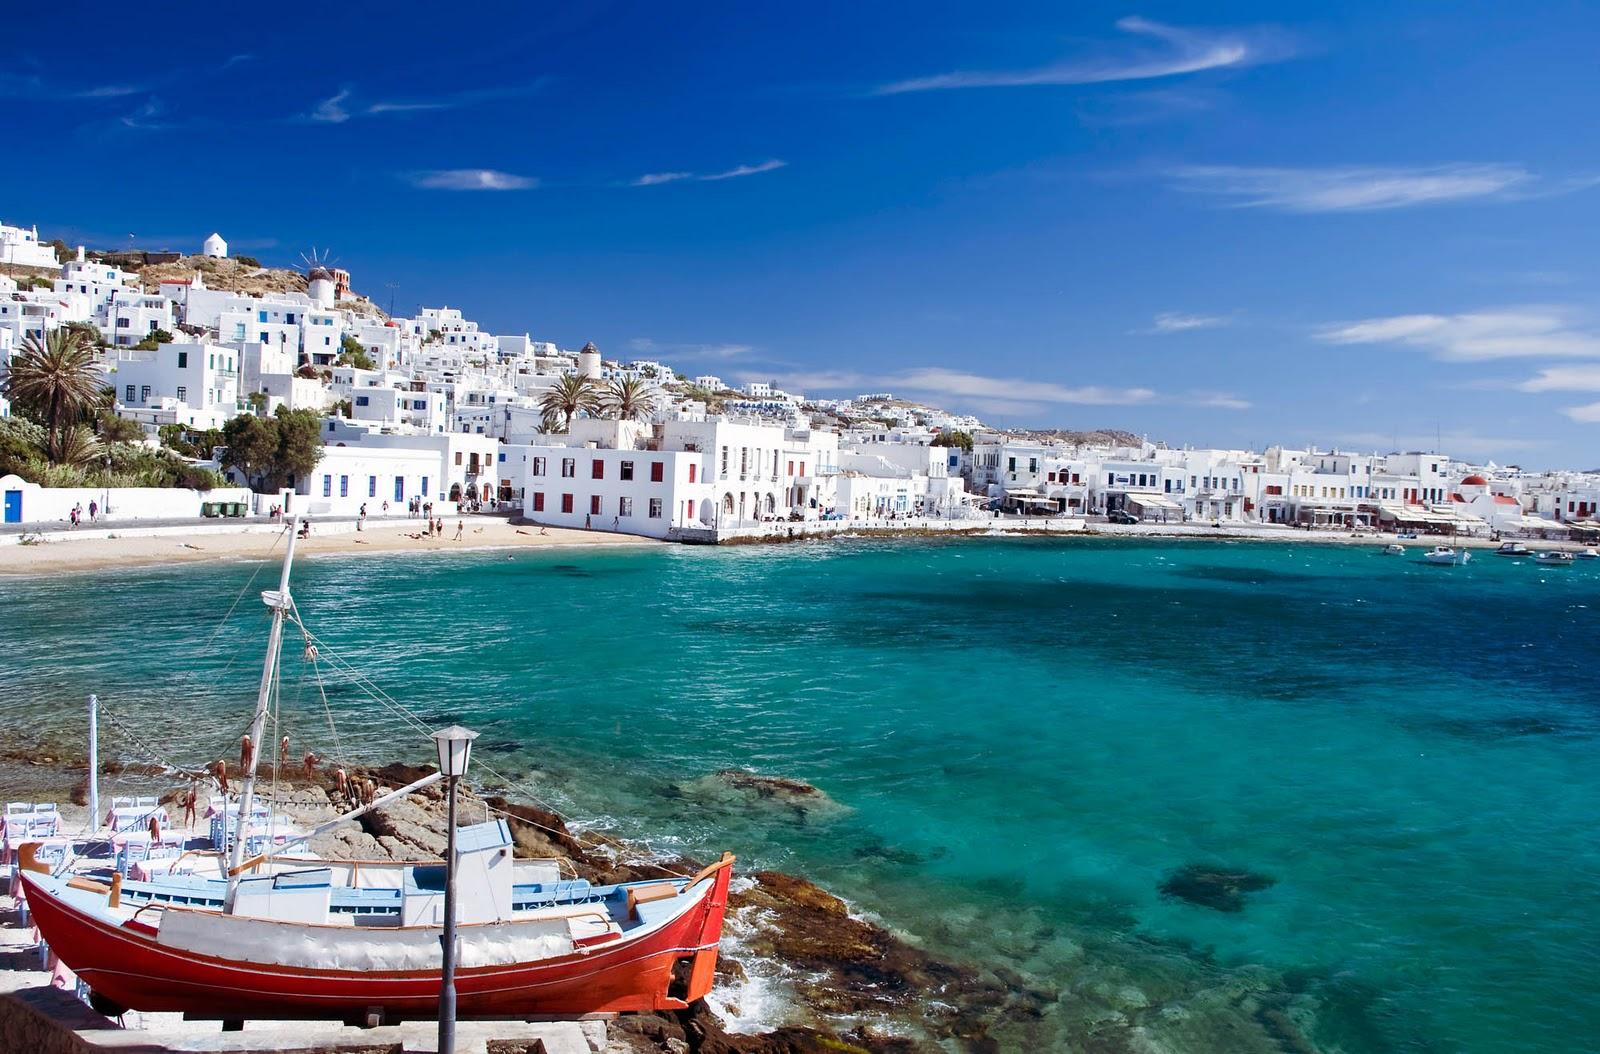 отзывы туристов об экскурсионной поездке в грецию